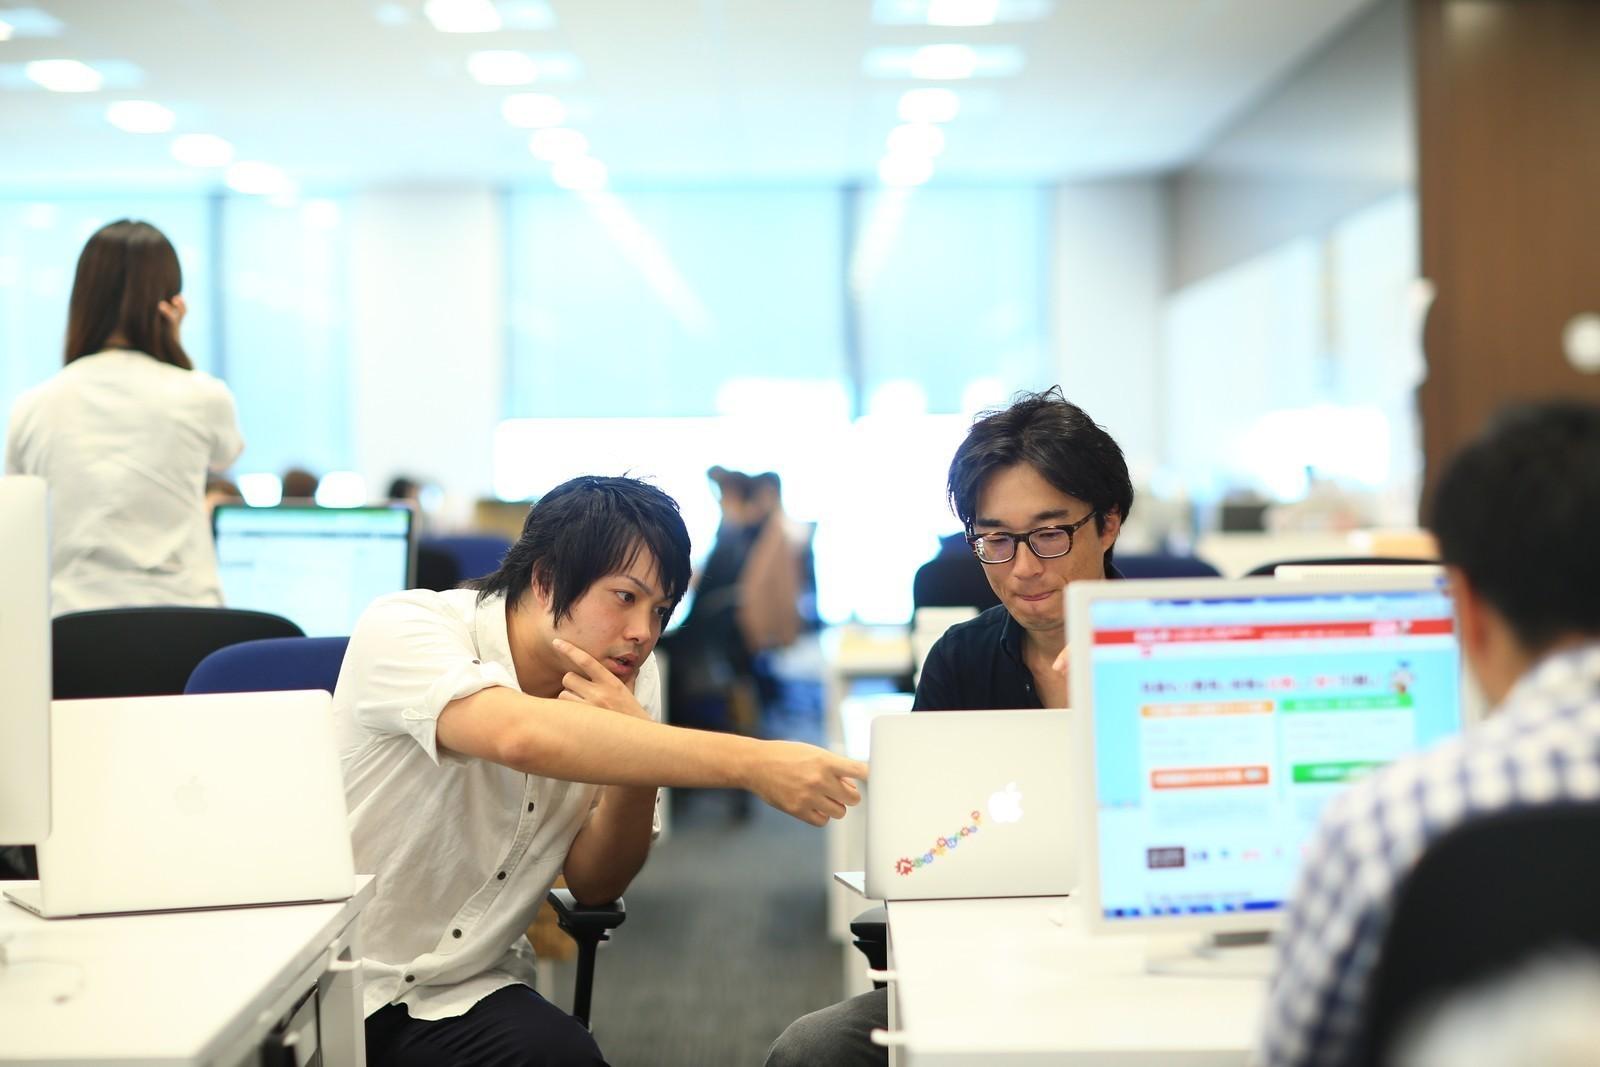 業界トップクラスのシェア「引越し侍」「ナビクル」自社サービスのフロントエンドエンジニア